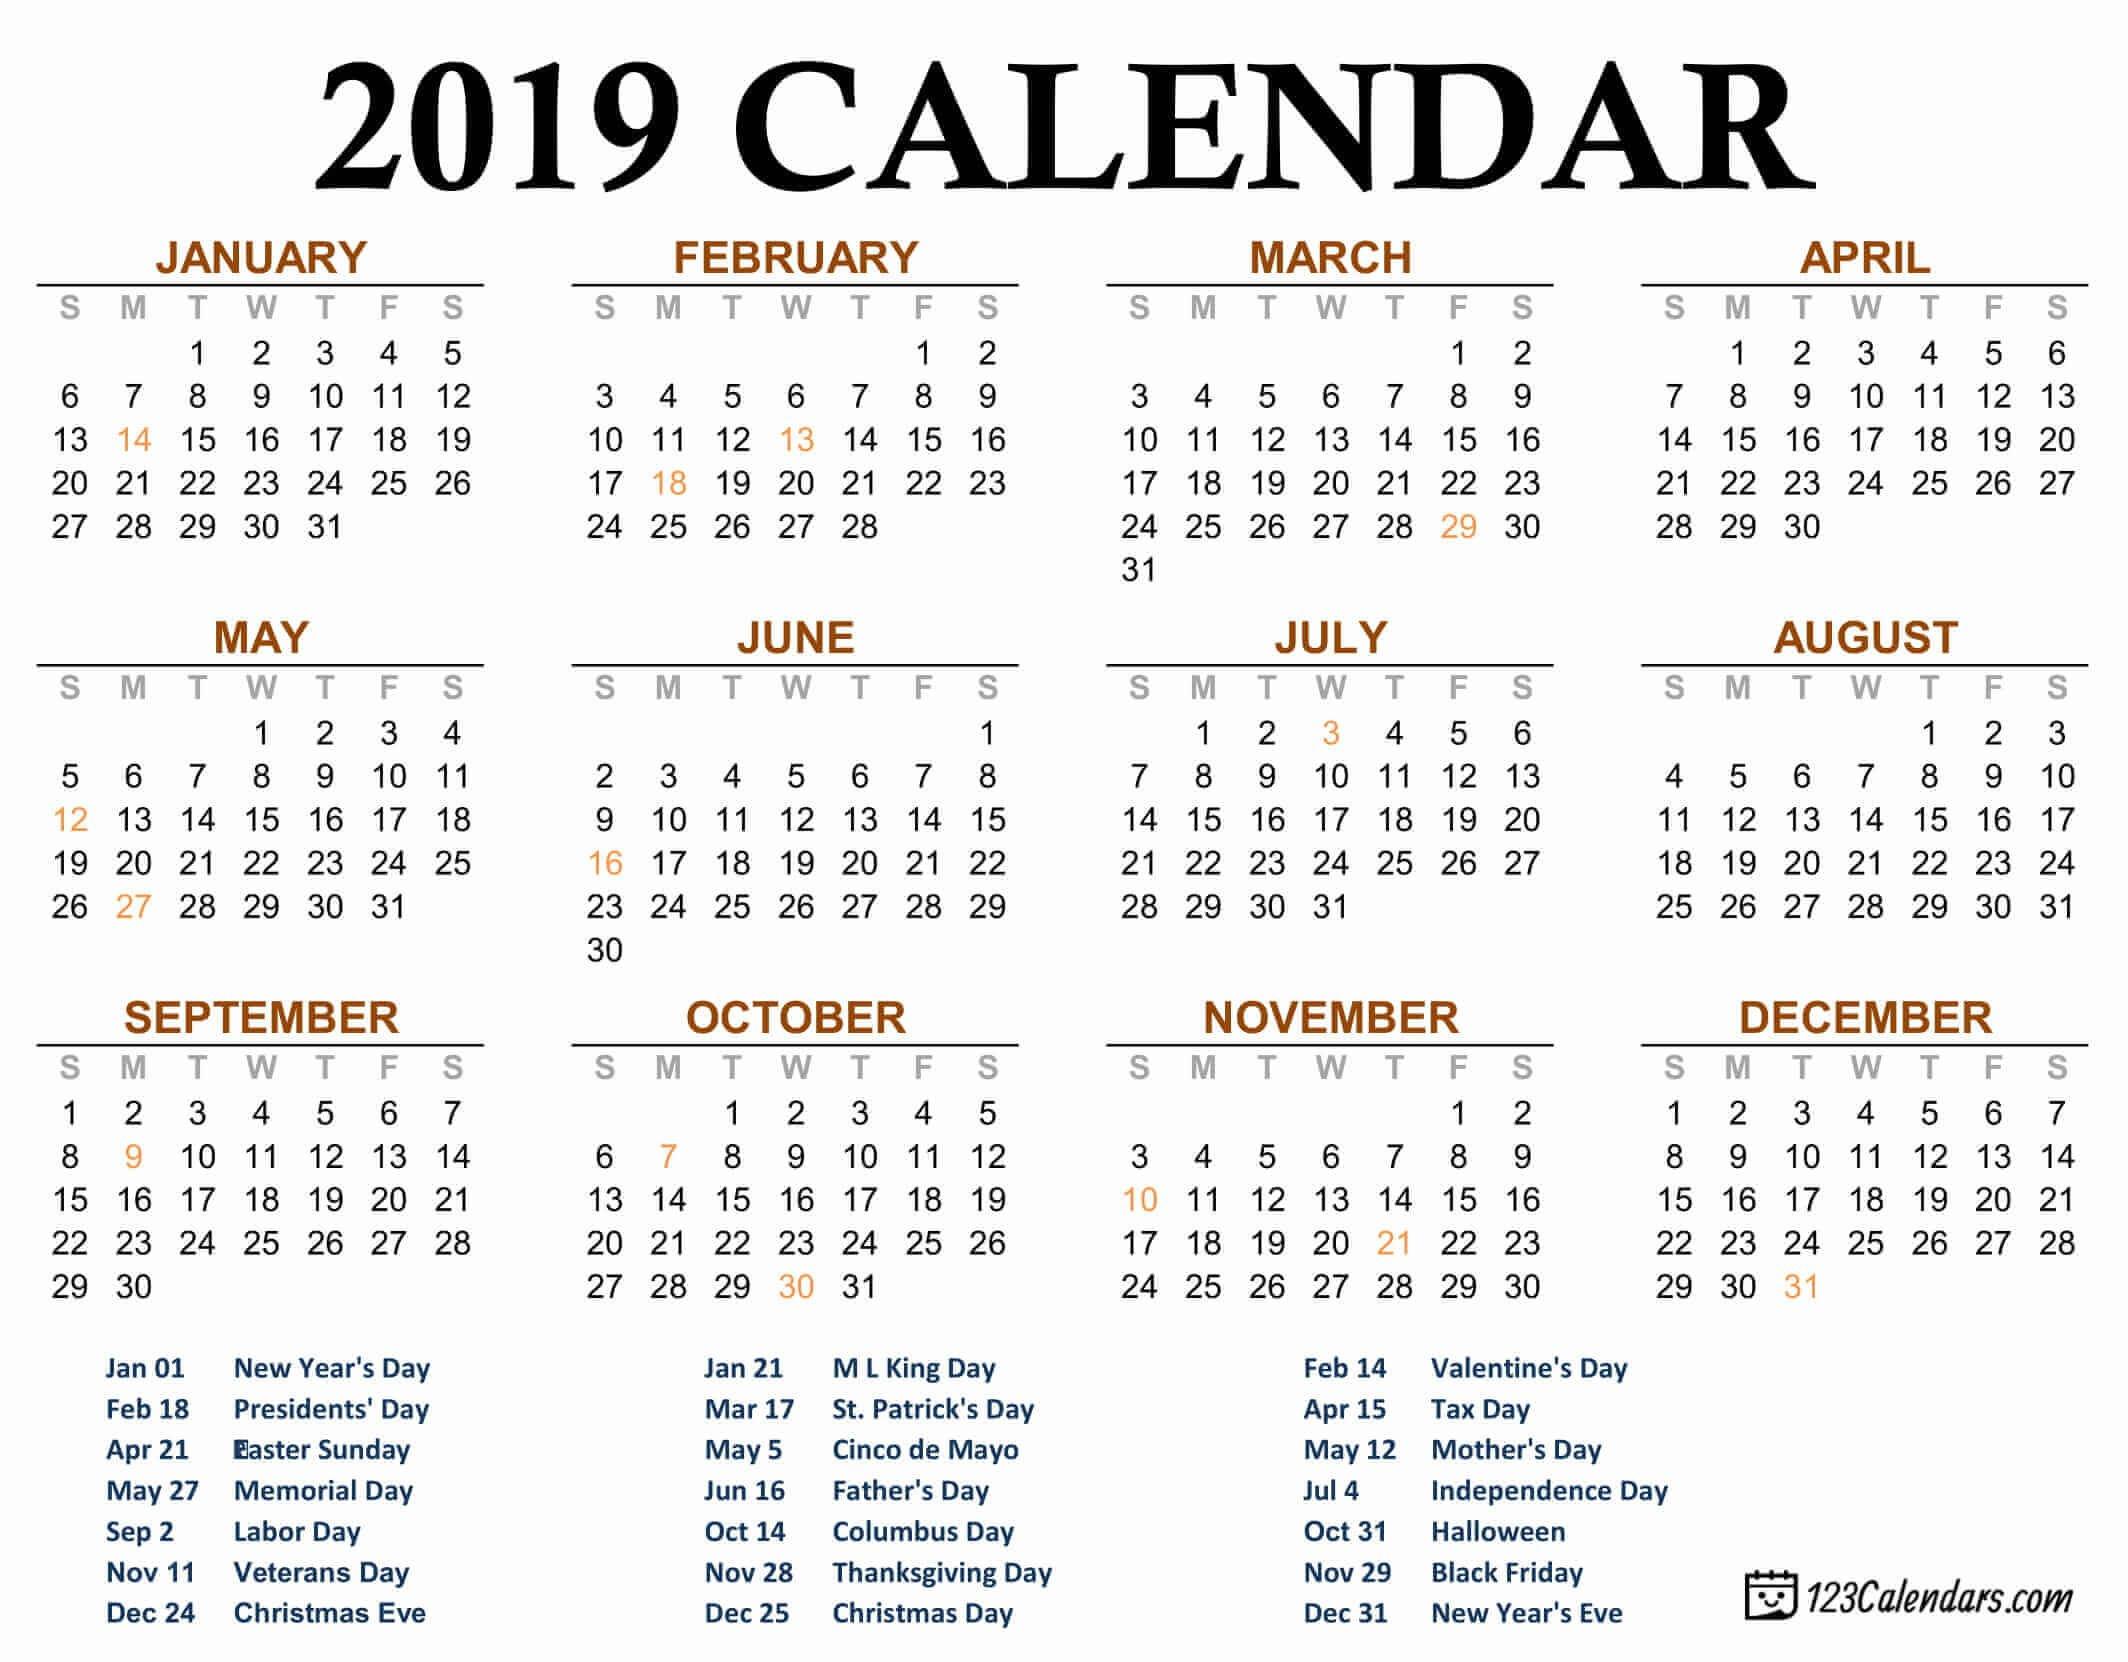 Free Printable 2019 Calendar | 123Calendars Calendar 2019 Special Days